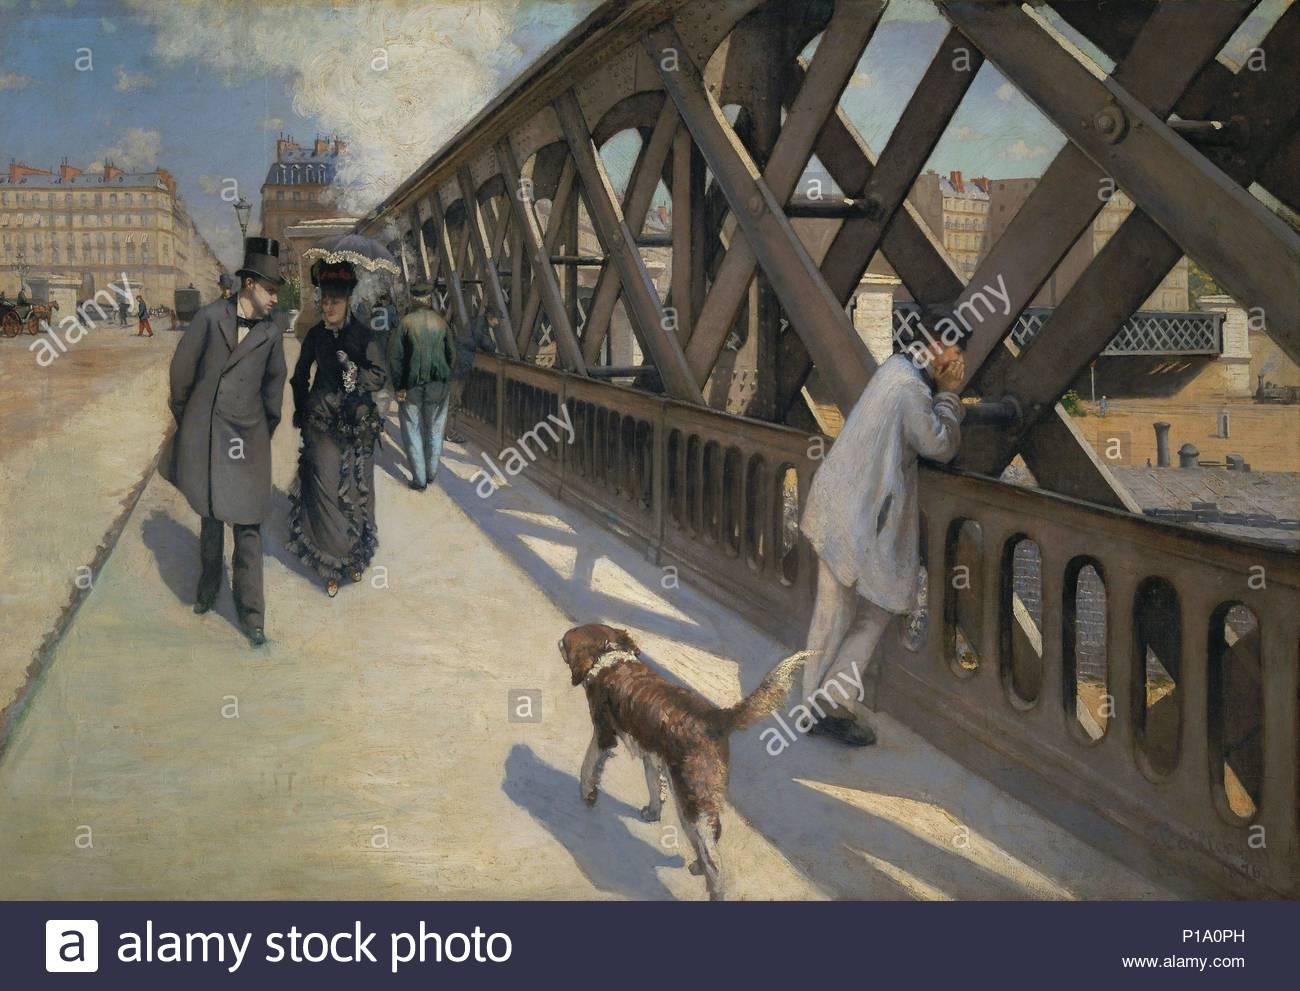 Le Pont de l'Europe, Paris, 1876 Oil on canvas 125 x 180 cm. Author: Gustave Caillebotte (1848-1894). Location: Musee du Petit Palais, Geneva, Switzerland. - Stock Image